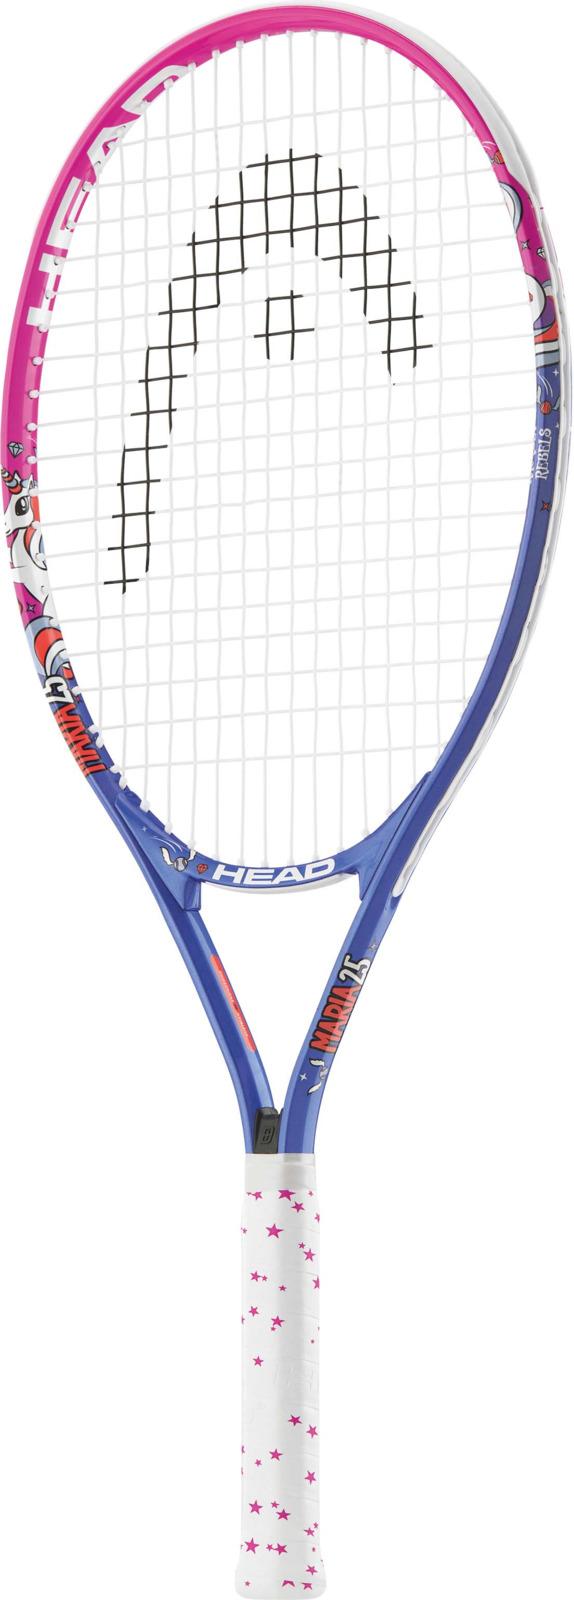 Ракетка для тенниса детская Head Maria 25, розовый, ручка 7